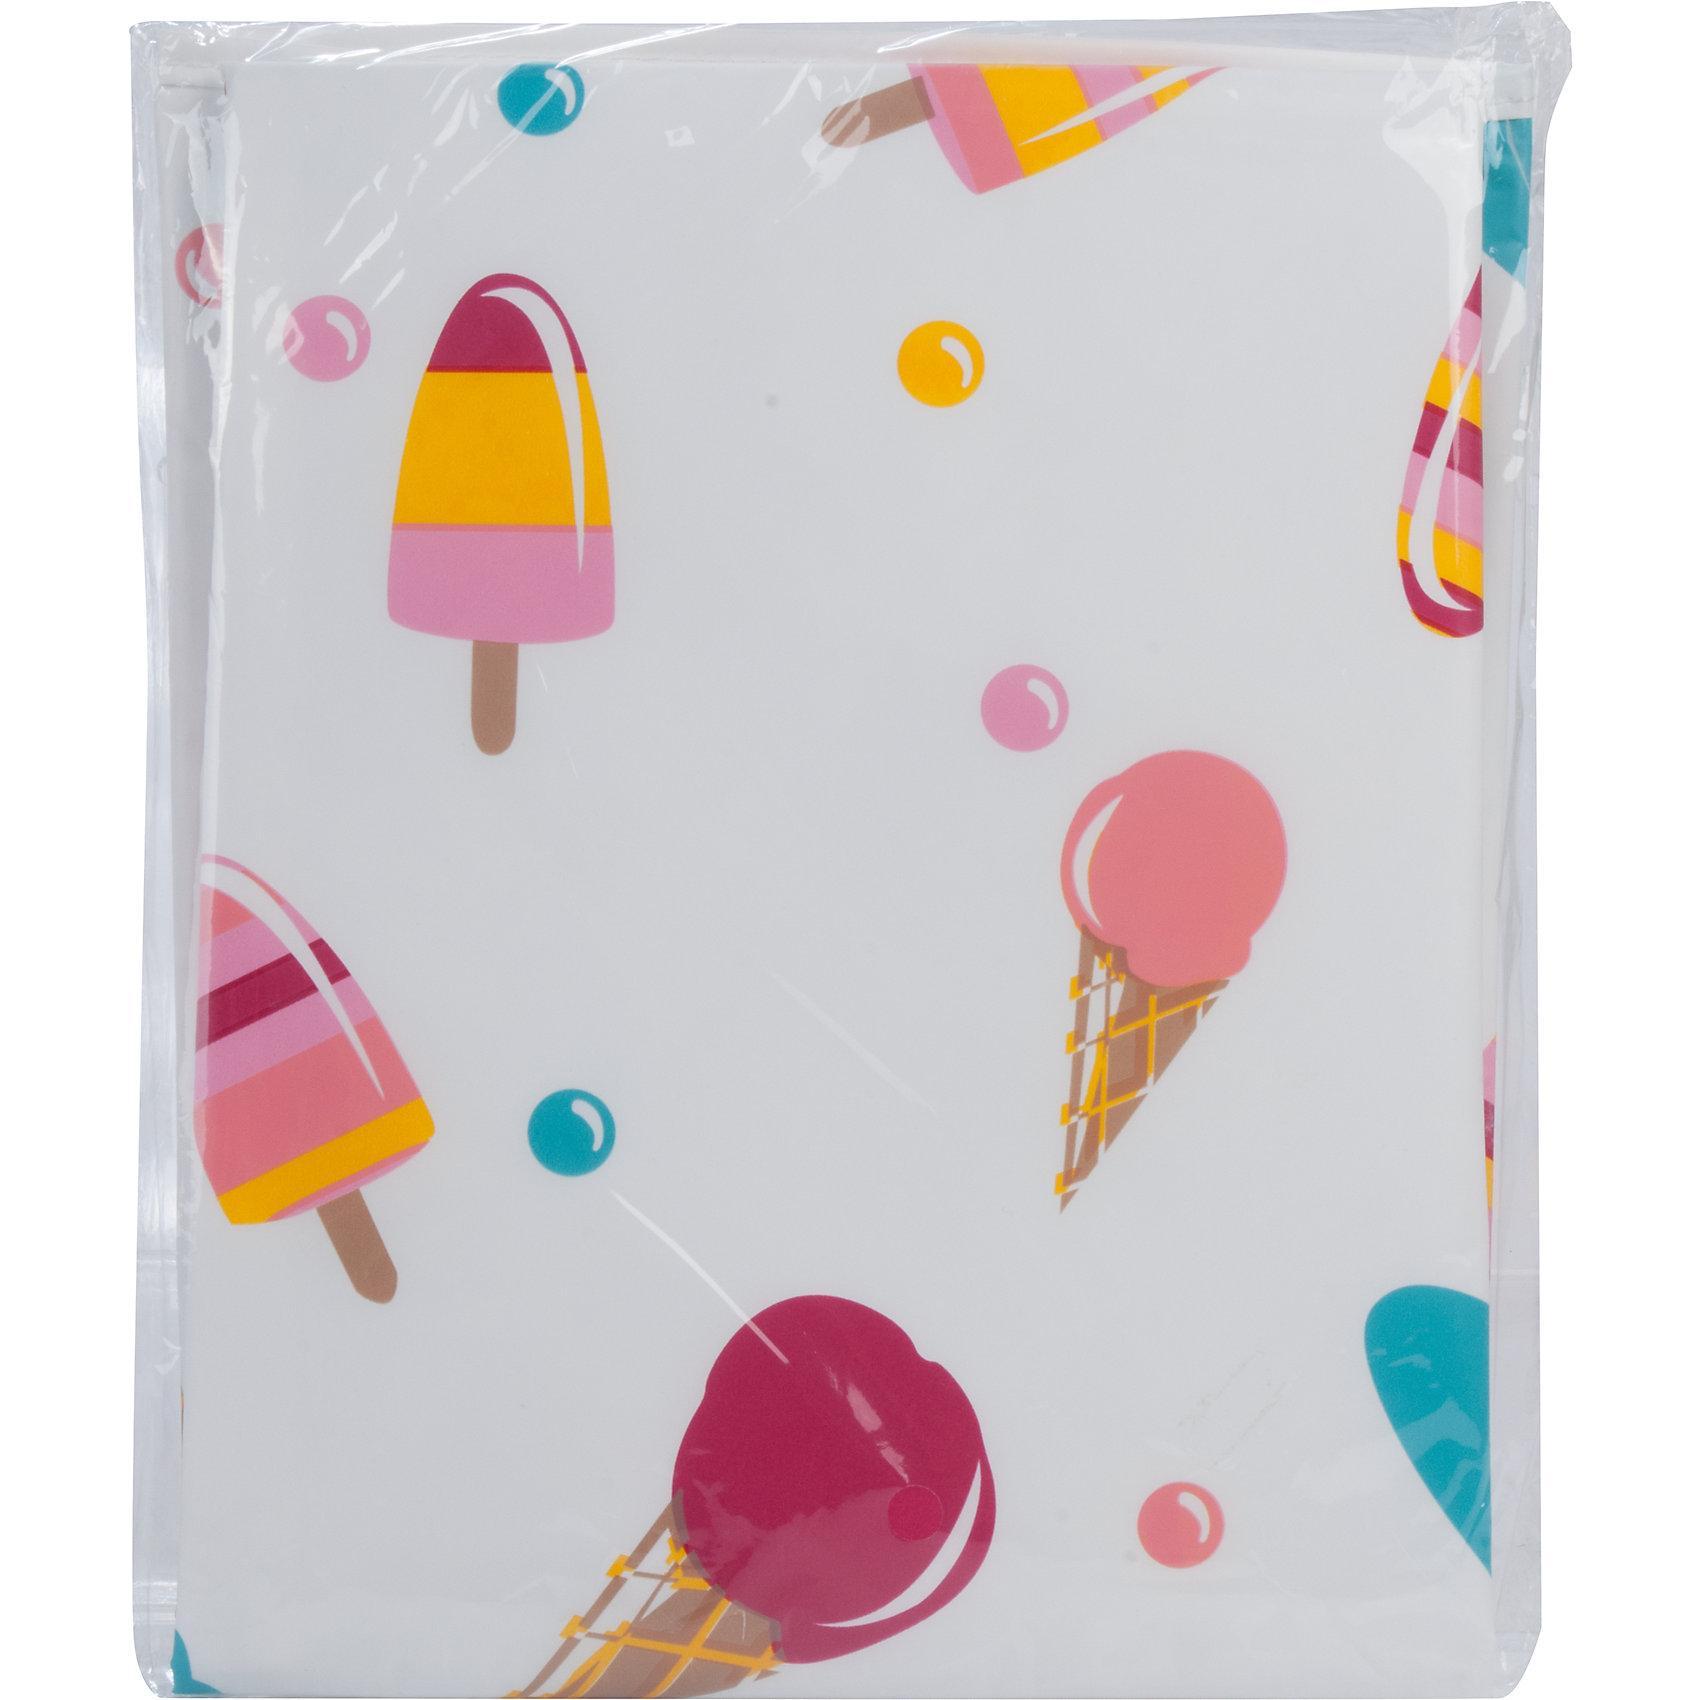 Клеенка непромокаемая, Canpol Babies, мороженоеВсе для пеленания<br>Клеенка непромокаемая, Canpol Babies (Канпол Бейбис), мороженое.<br><br>Характеристики:<br>• Материал:полиуретан.<br>• Размер: 76 см х 58,5 см.<br>• Пористый двухмиллиметровый слой.<br>• Непромокаемая.<br>• Цвет белая с красочным рисунком.<br><br>Практичная и удобная клеенка Canpol Babies (Канпол Бейбис), станет незаменимой помощницей в уходе за ребенком.Упростит процедуру смены памперса, сохранит матрасик в кроватке сухим. Такая клеенка пригодится не только дома, но и в поездках,  её можно стелить в кроватку, на пеленальный столик или в коляску, а сверху - обычную тканевую пеленочку. Клеёнка изготовлена  из экологического материала, поэтому Вашему ребенку не грозит аллергия.<br>Клеенку непромокаемую, Canpol Babies (Канпол Бейбис), мороженое можно купить в нашем интернет – магазине.<br><br>Ширина мм: 200<br>Глубина мм: 5<br>Высота мм: 290<br>Вес г: 800<br>Возраст от месяцев: 0<br>Возраст до месяцев: 36<br>Пол: Унисекс<br>Возраст: Детский<br>SKU: 5156825